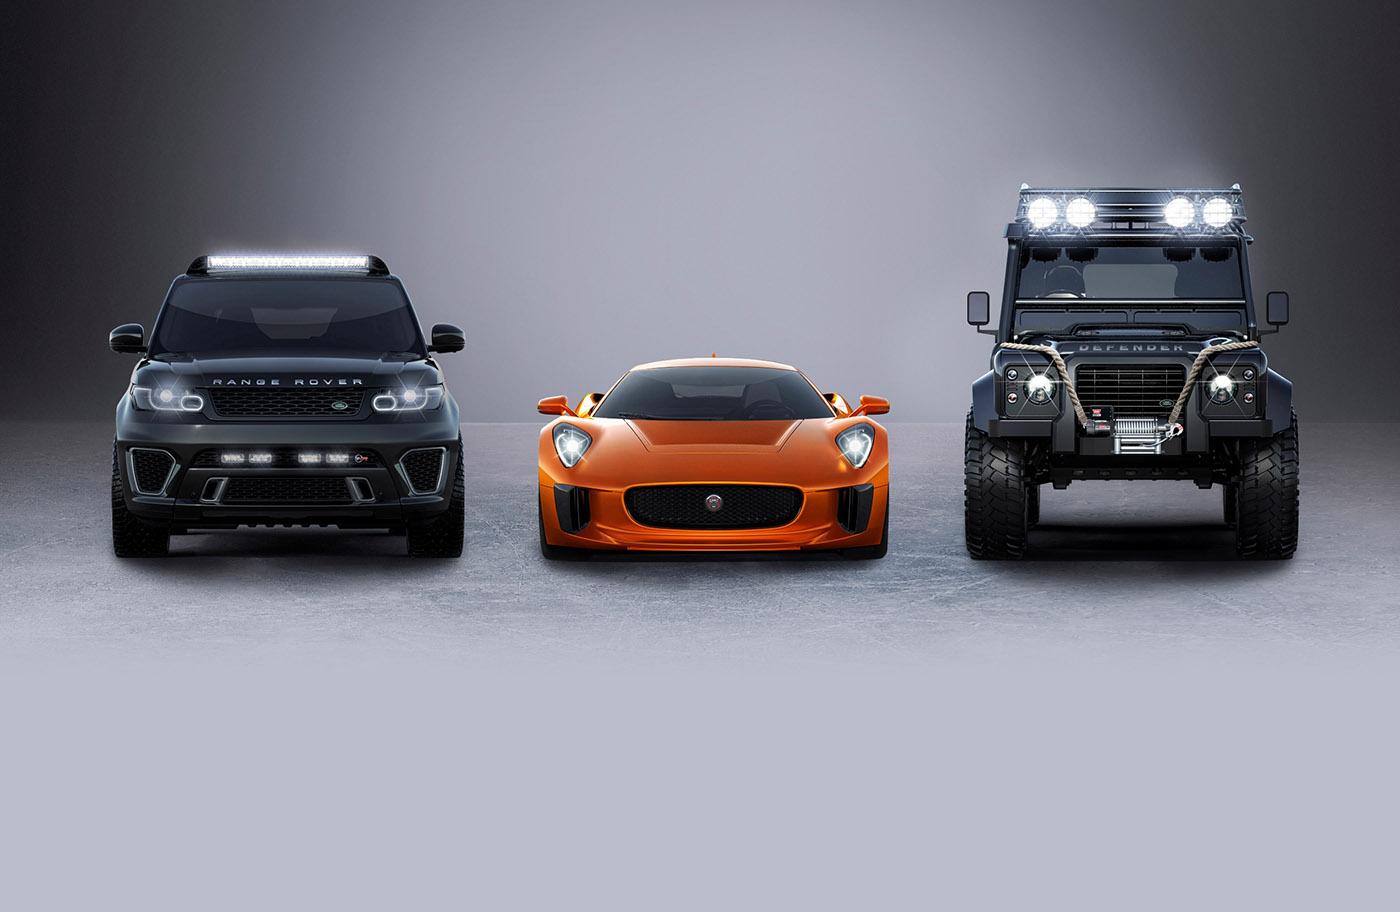 Jaguar, Land Rover Reveal James Bond Specials: C-X75, SVR, Big Foot